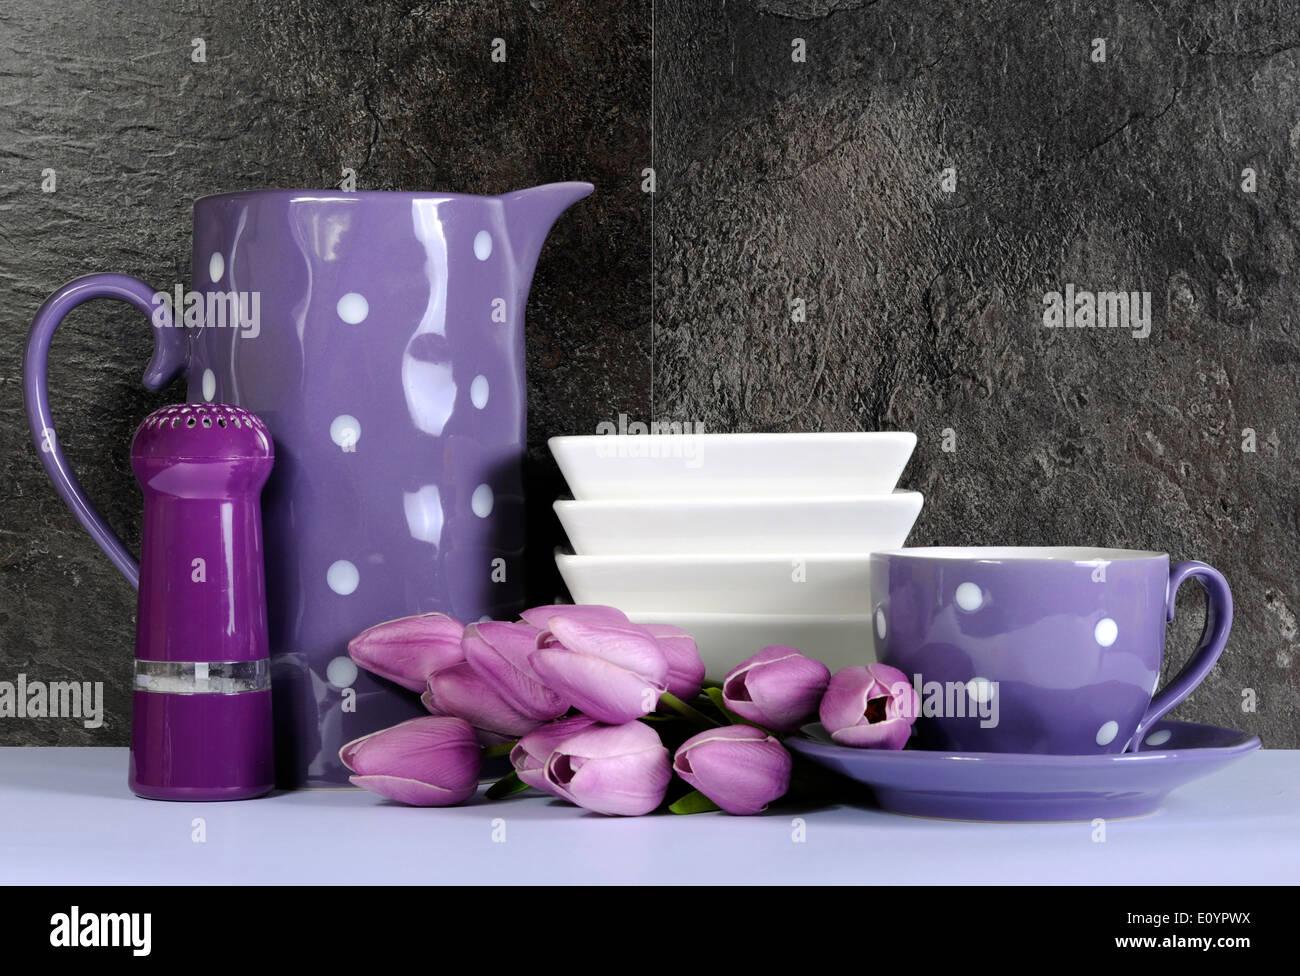 Schiefertisch Wohnzimmer | Moderne Lila Und Weissen Tupfen Kuche Mit Grossen Servierplatte Teller